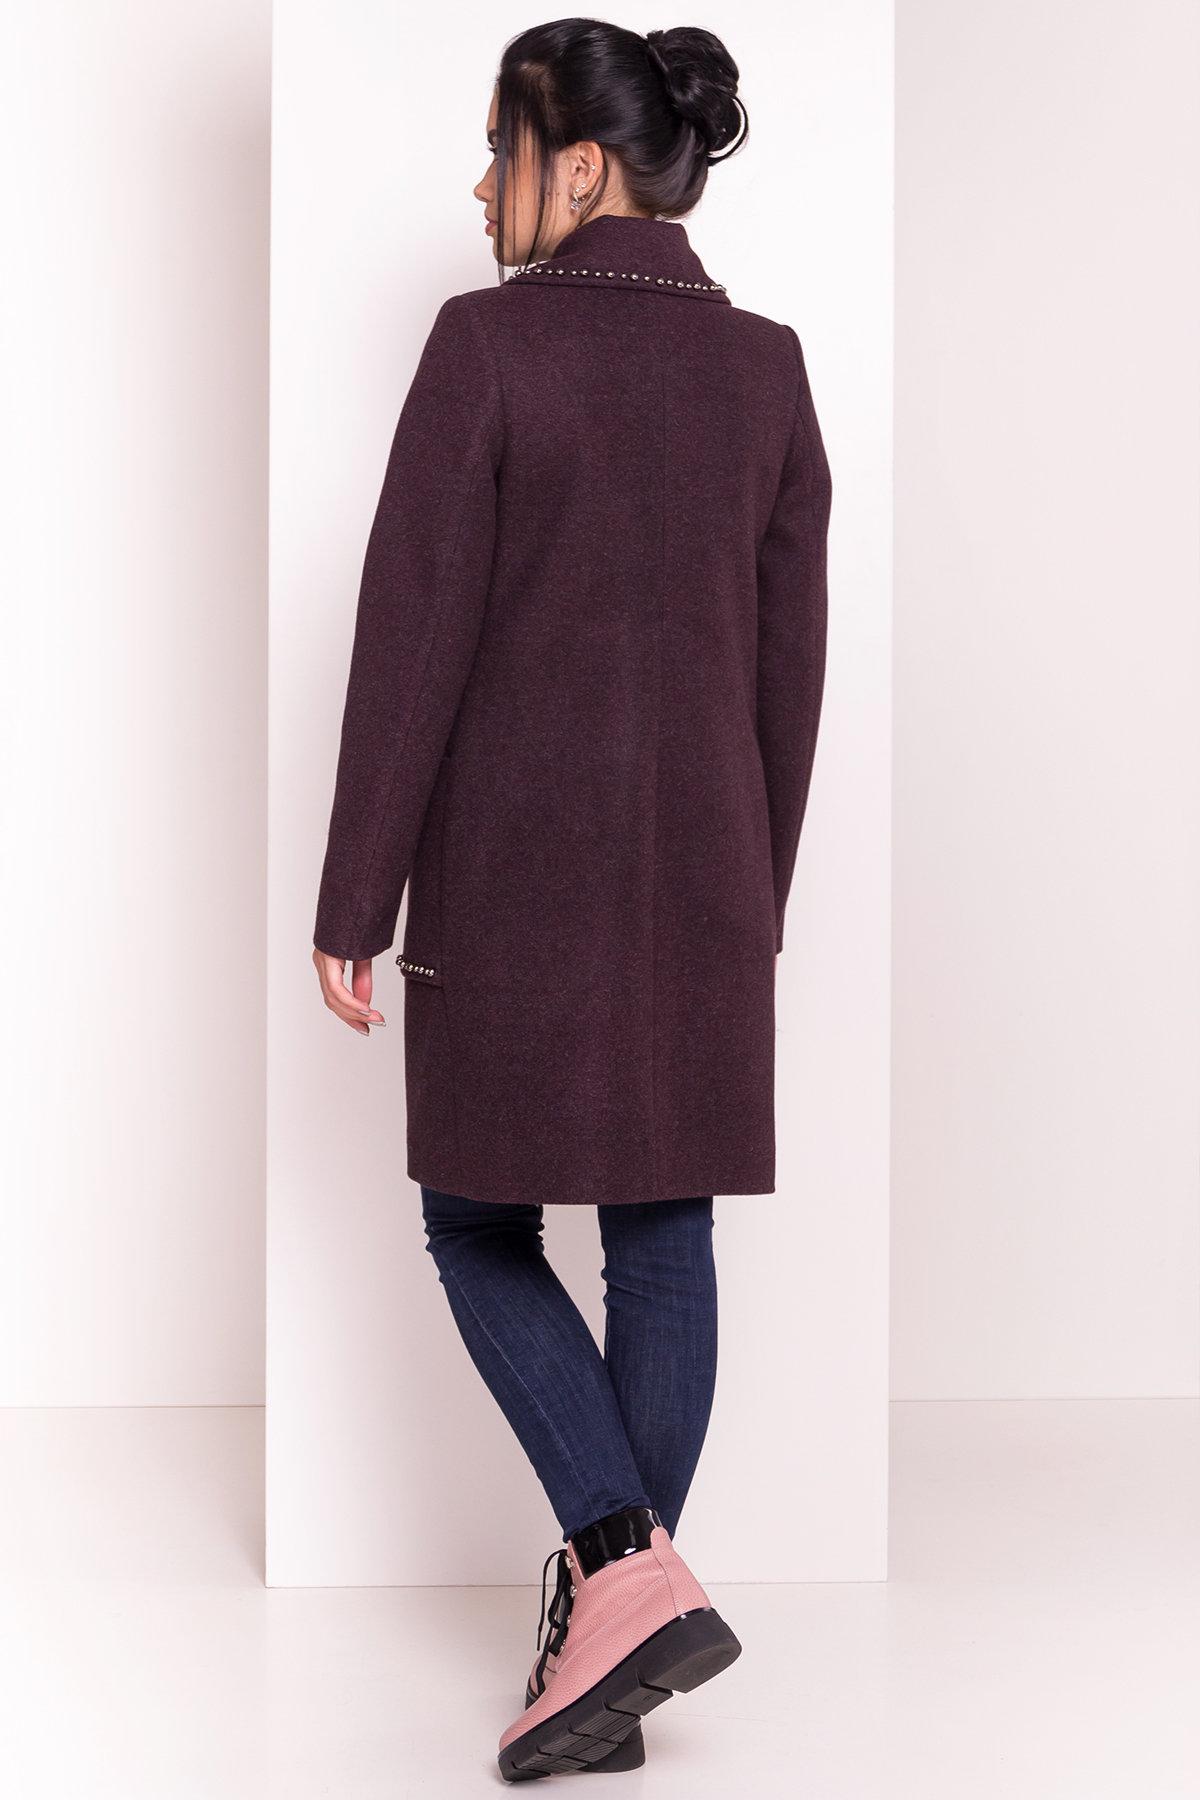 Пальто Кейси 5504 АРТ. 37028 Цвет: Марсала - фото 5, интернет магазин tm-modus.ru